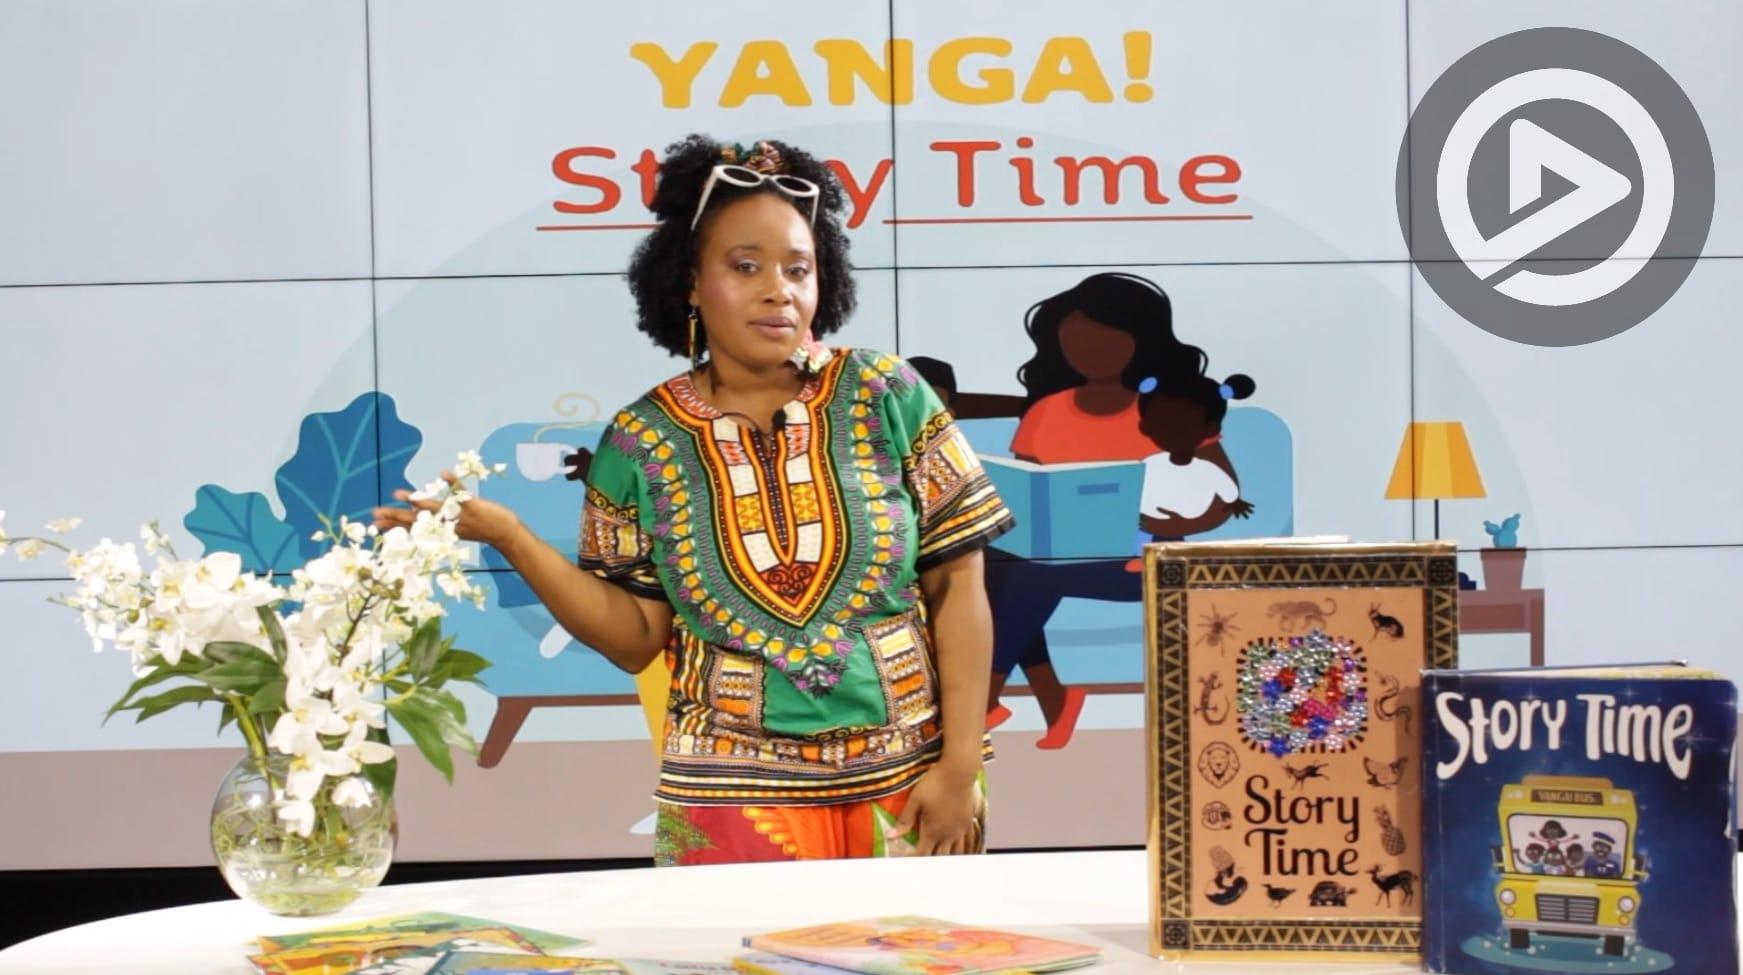 Kids: Yanga! Storytime